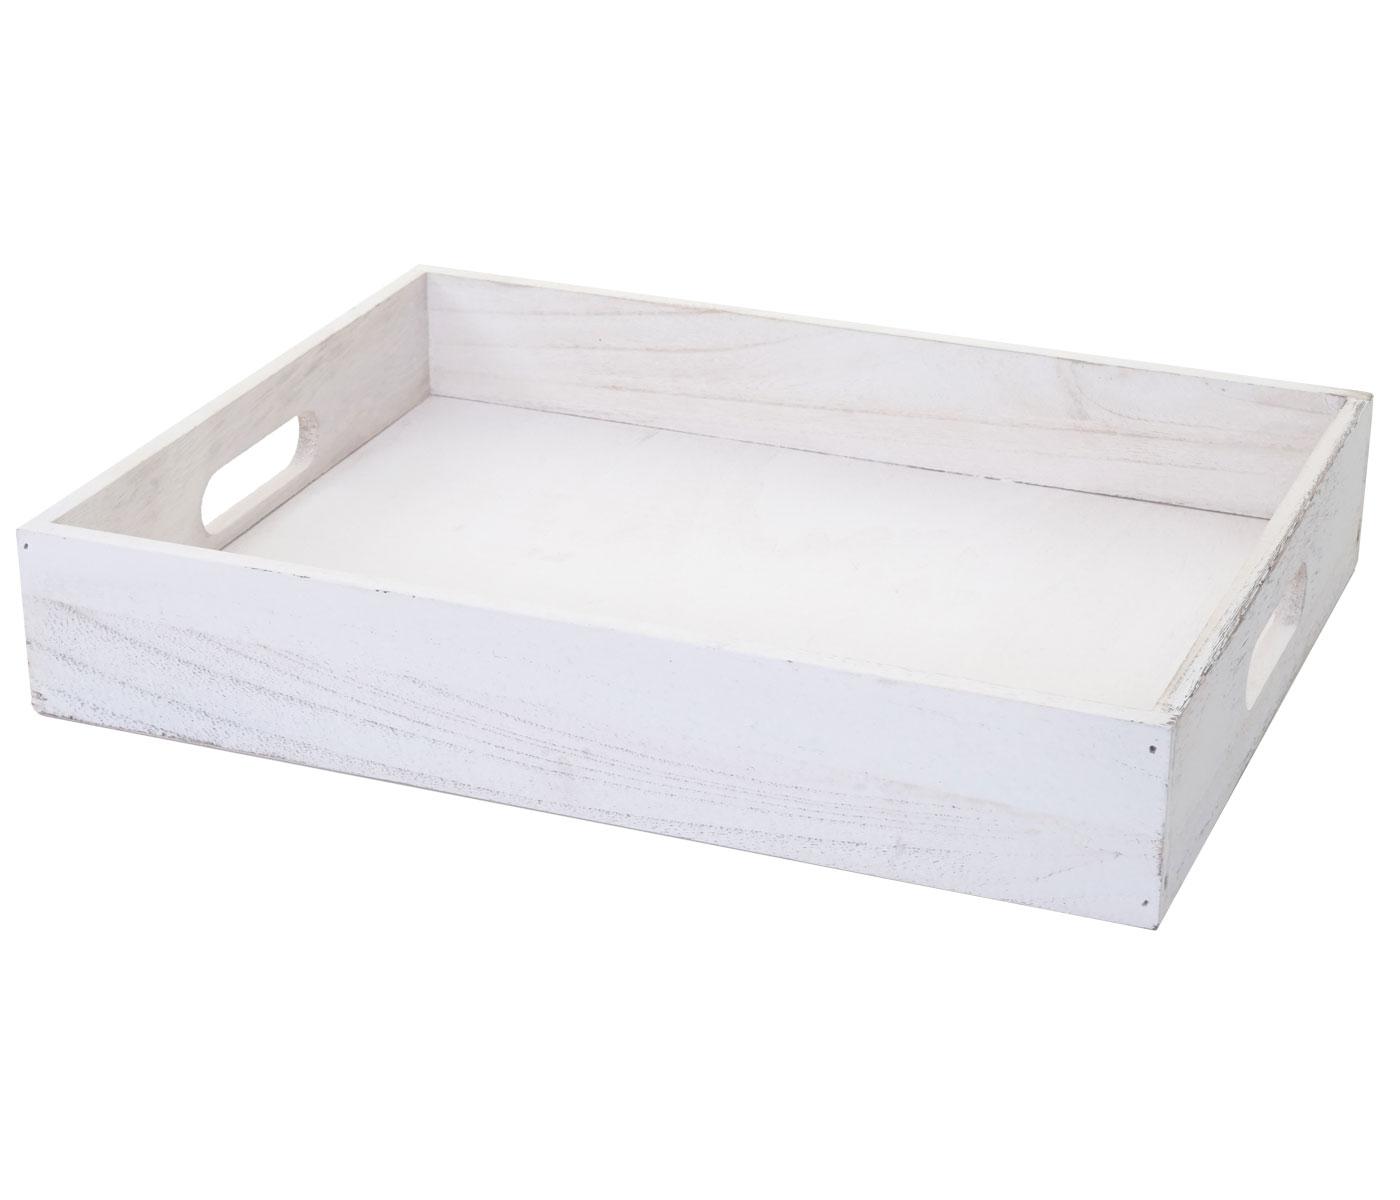 Box 40x30x7cm